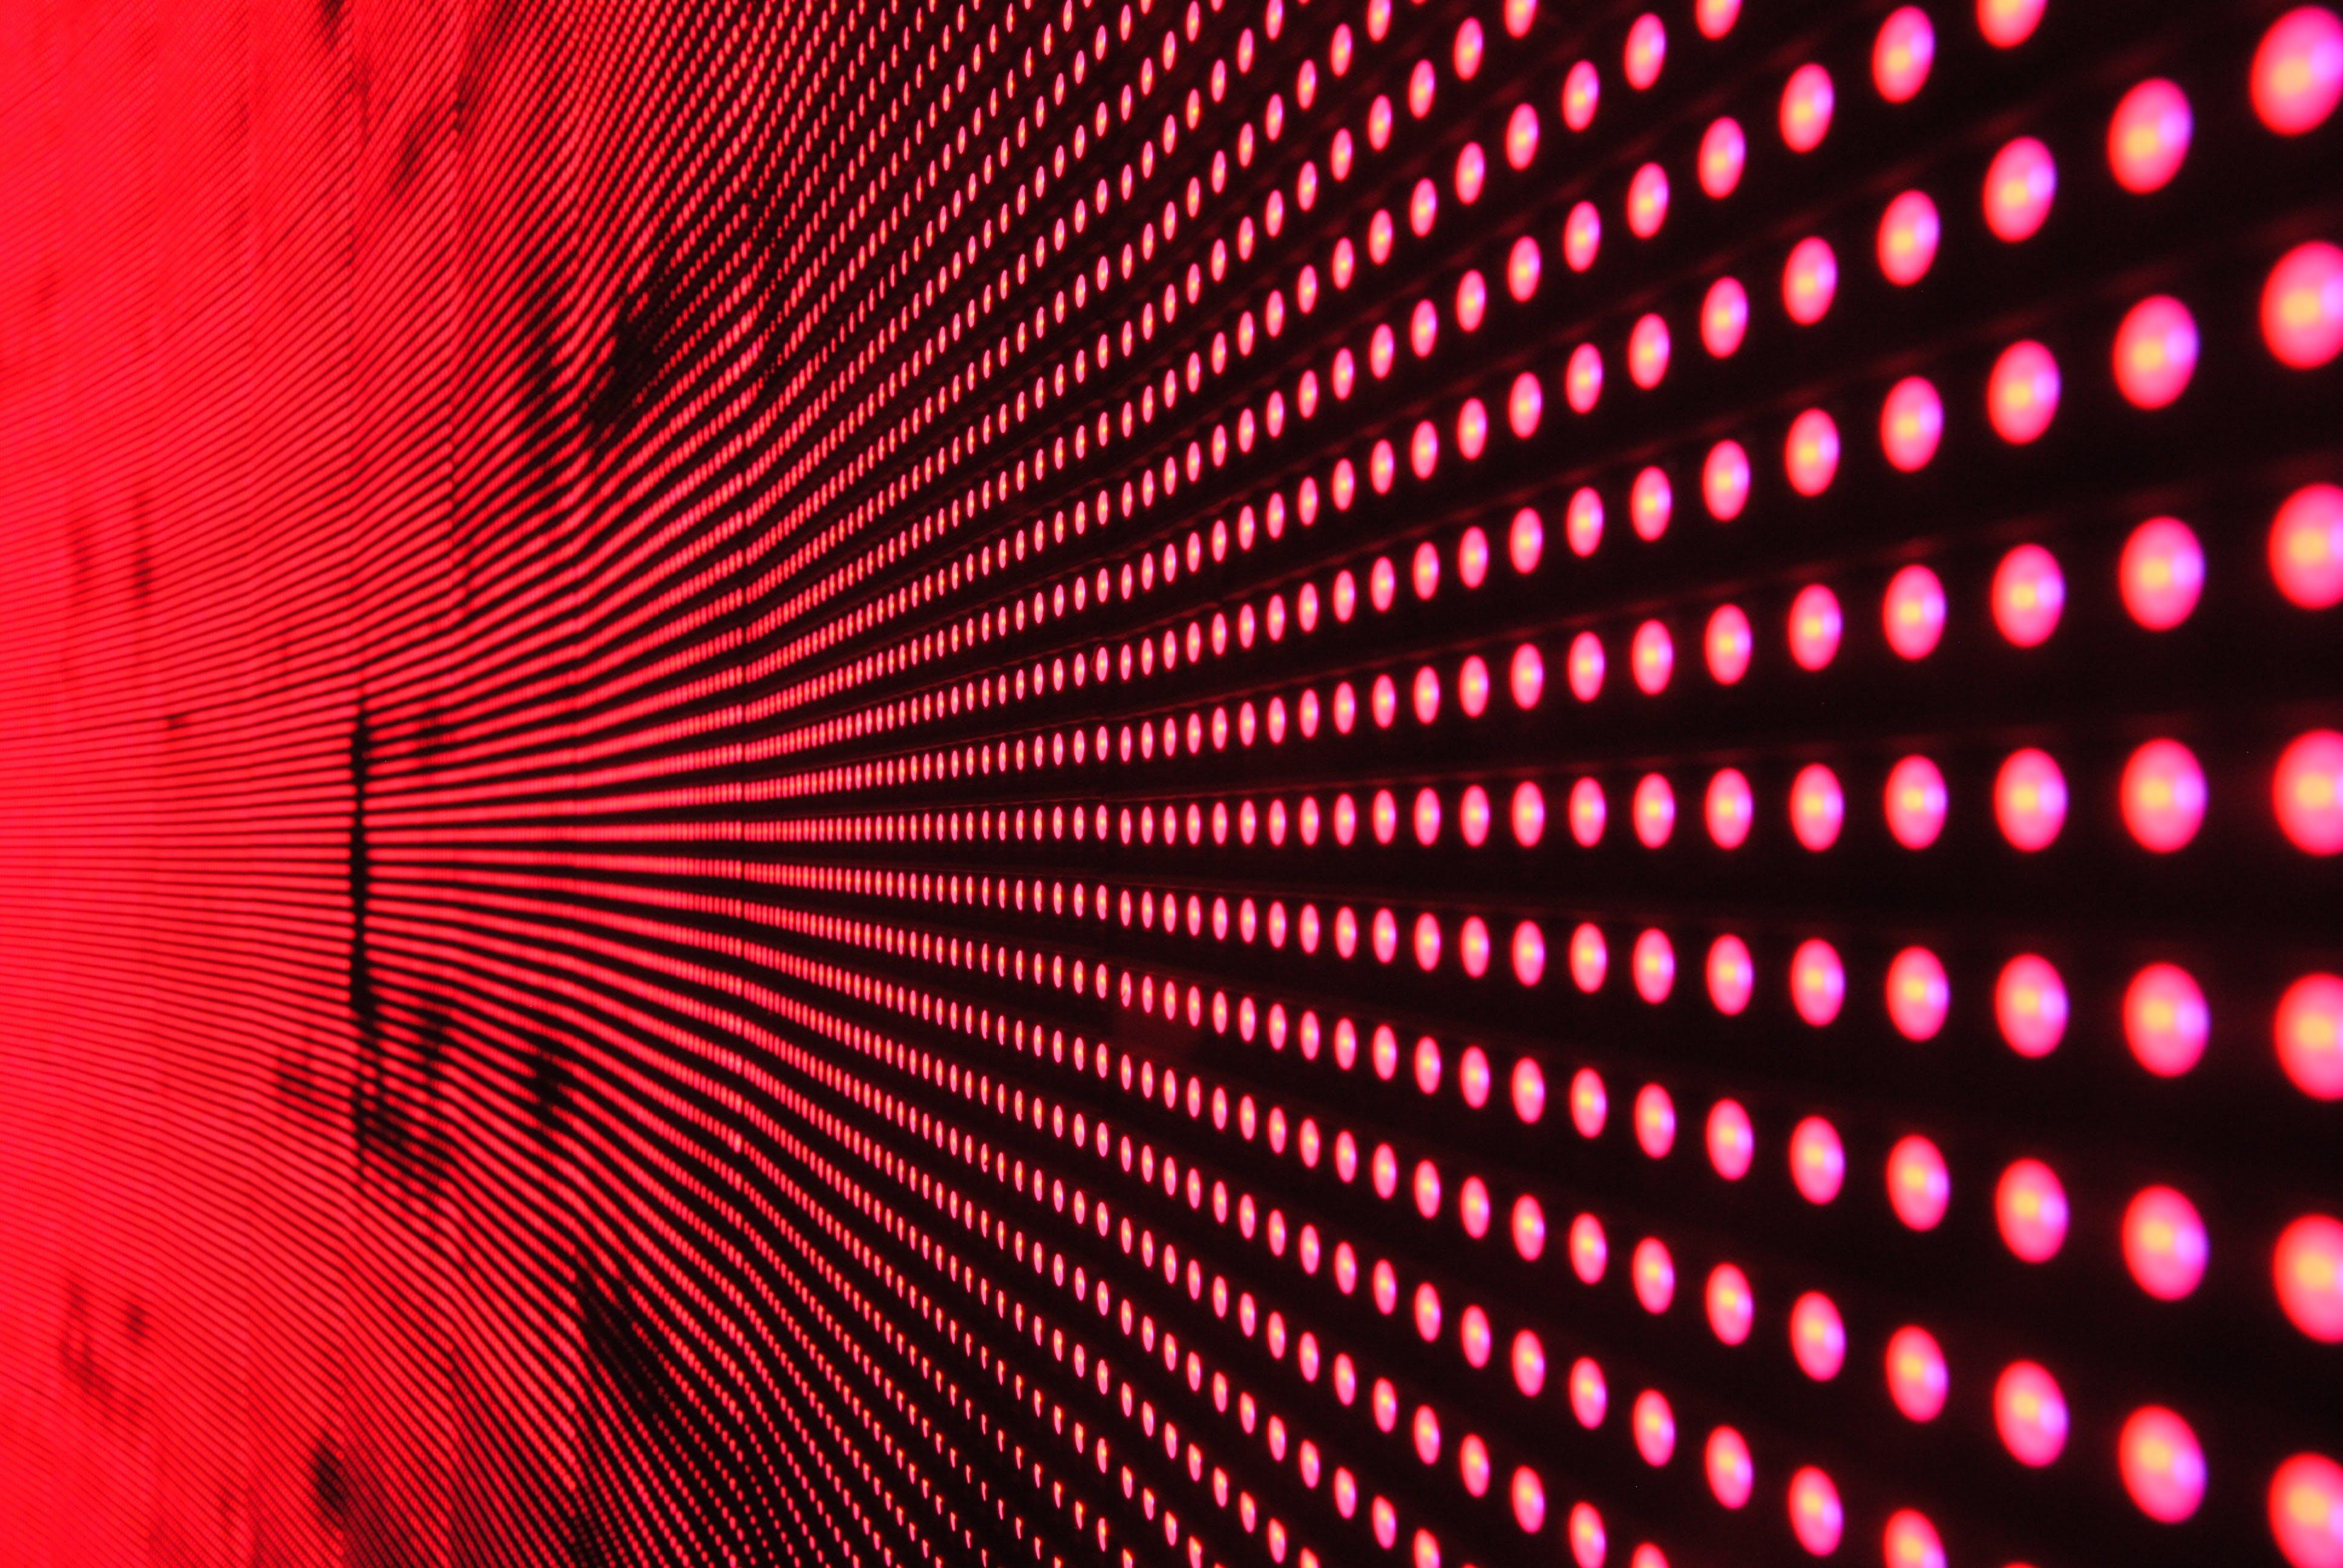 beleuchtung, design, digital